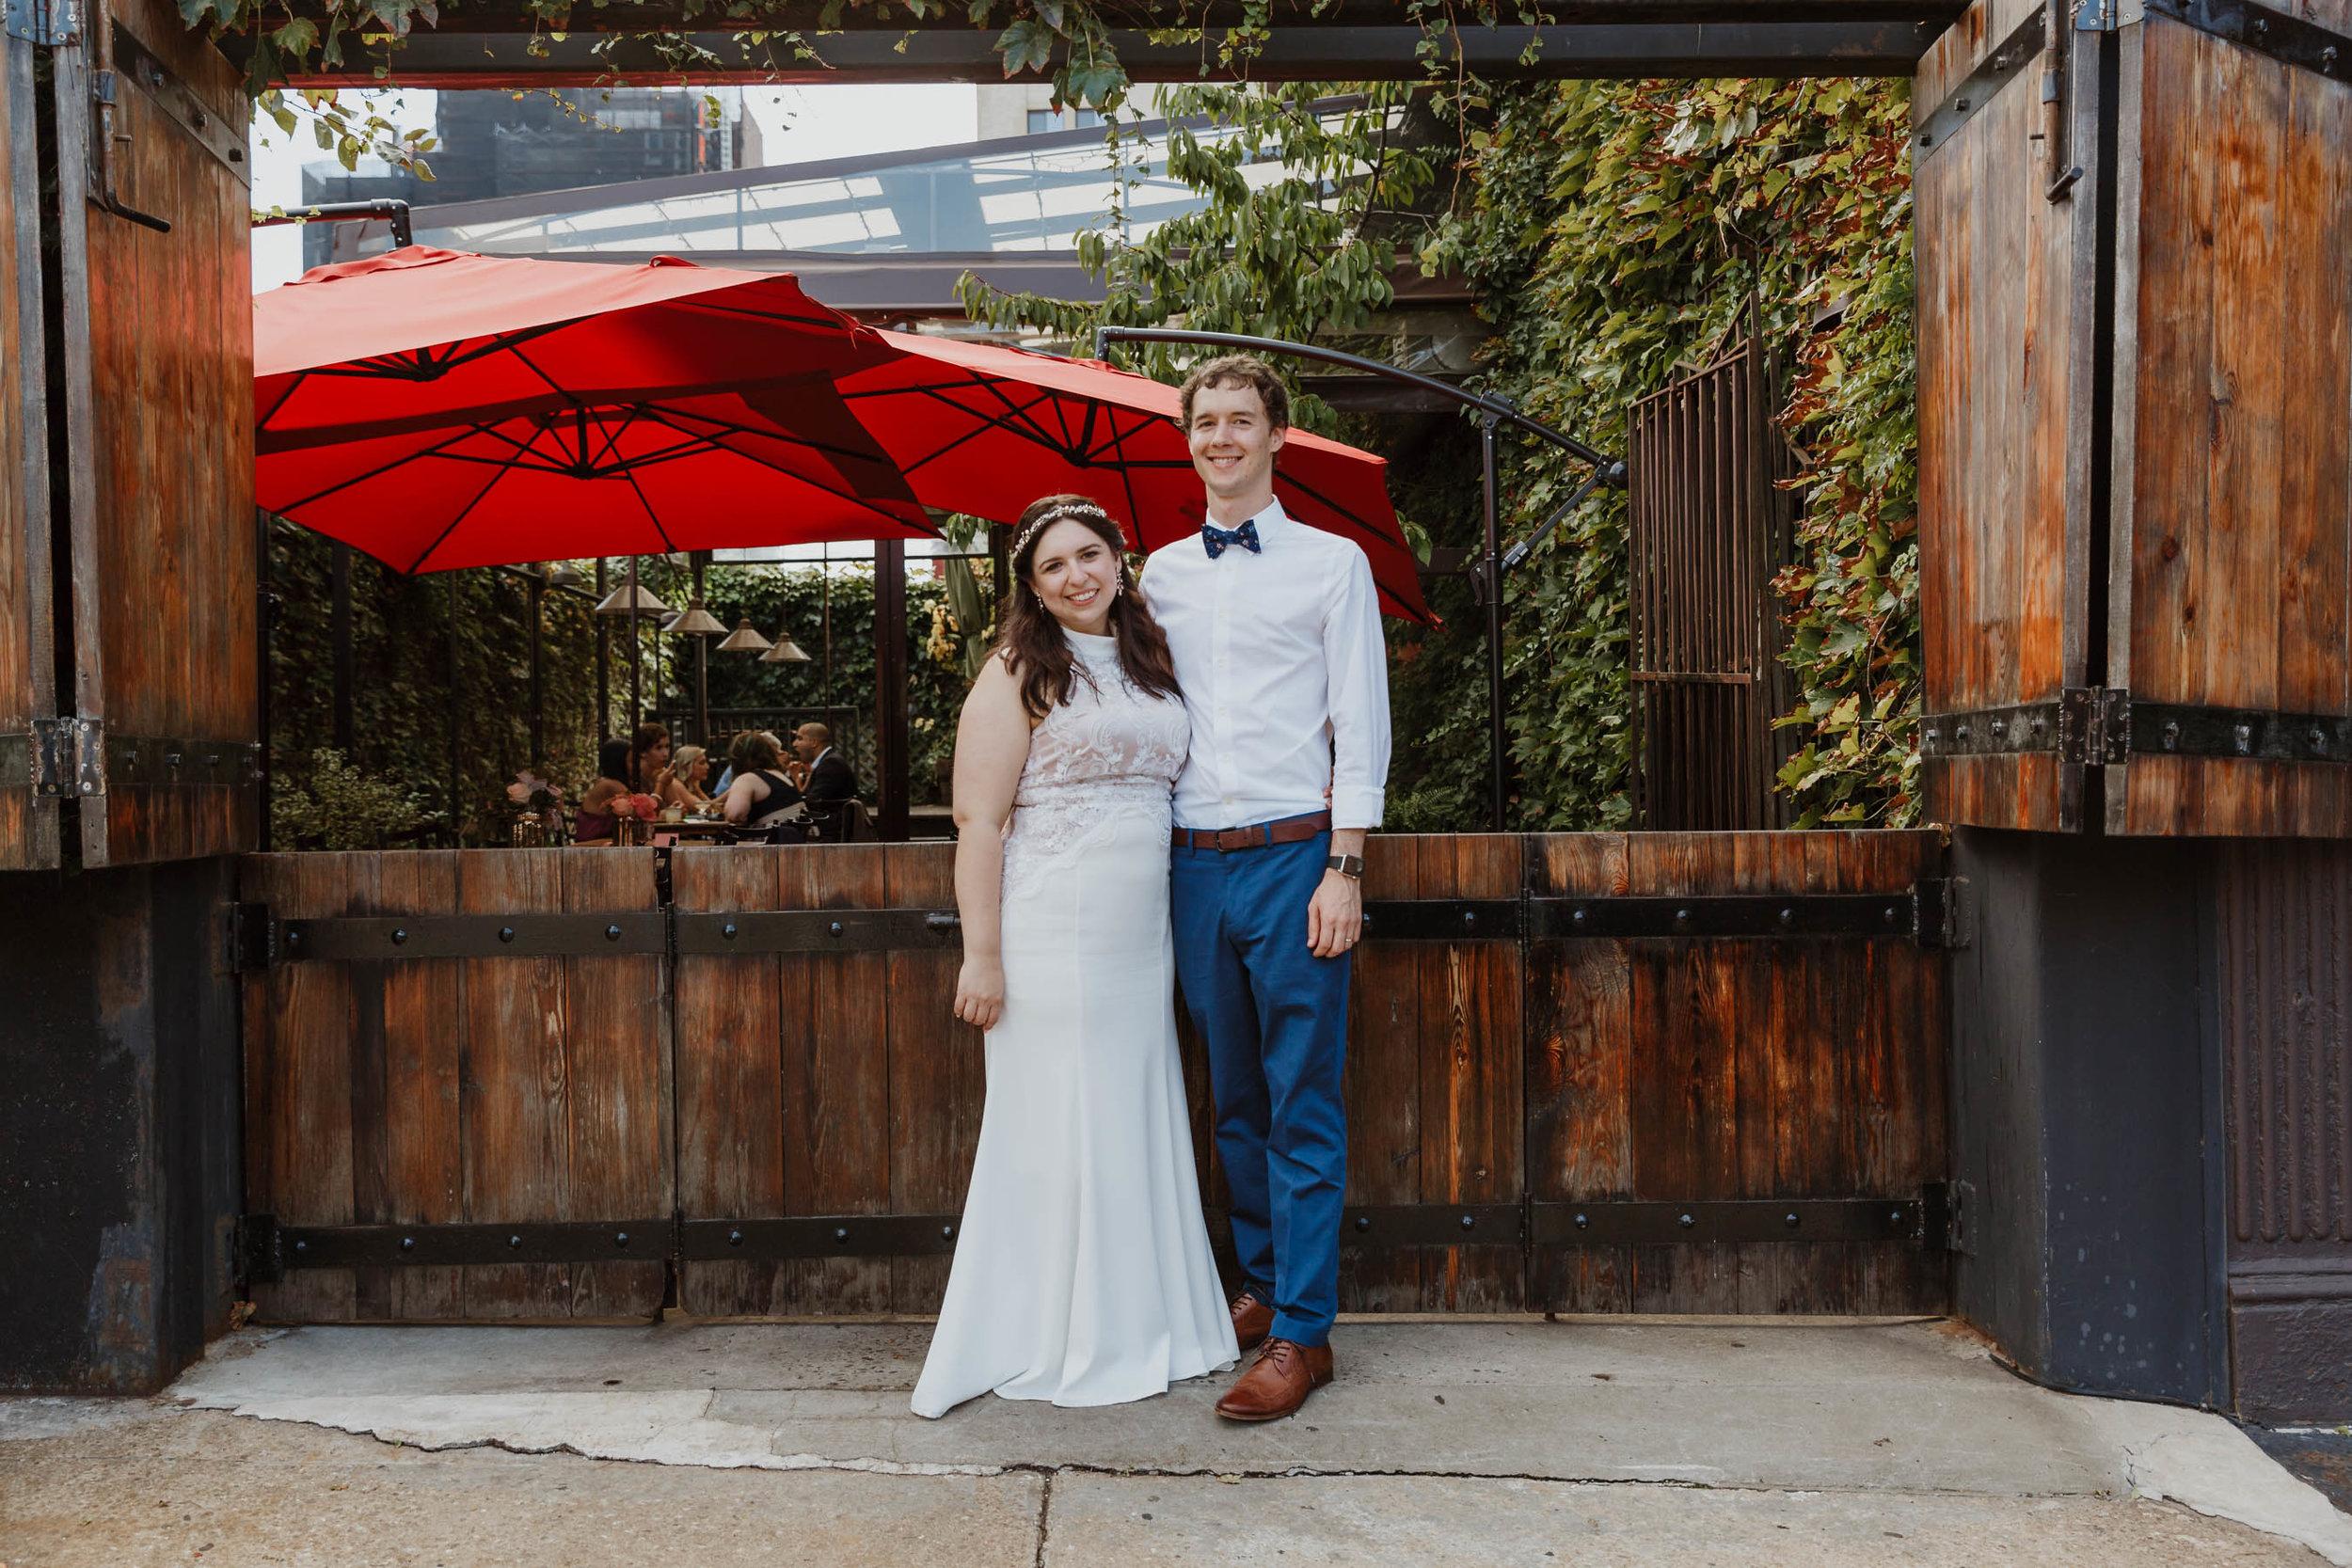 aurora-restaurant-wedding-photographer-elizabeth-tsung-photo-111.jpg